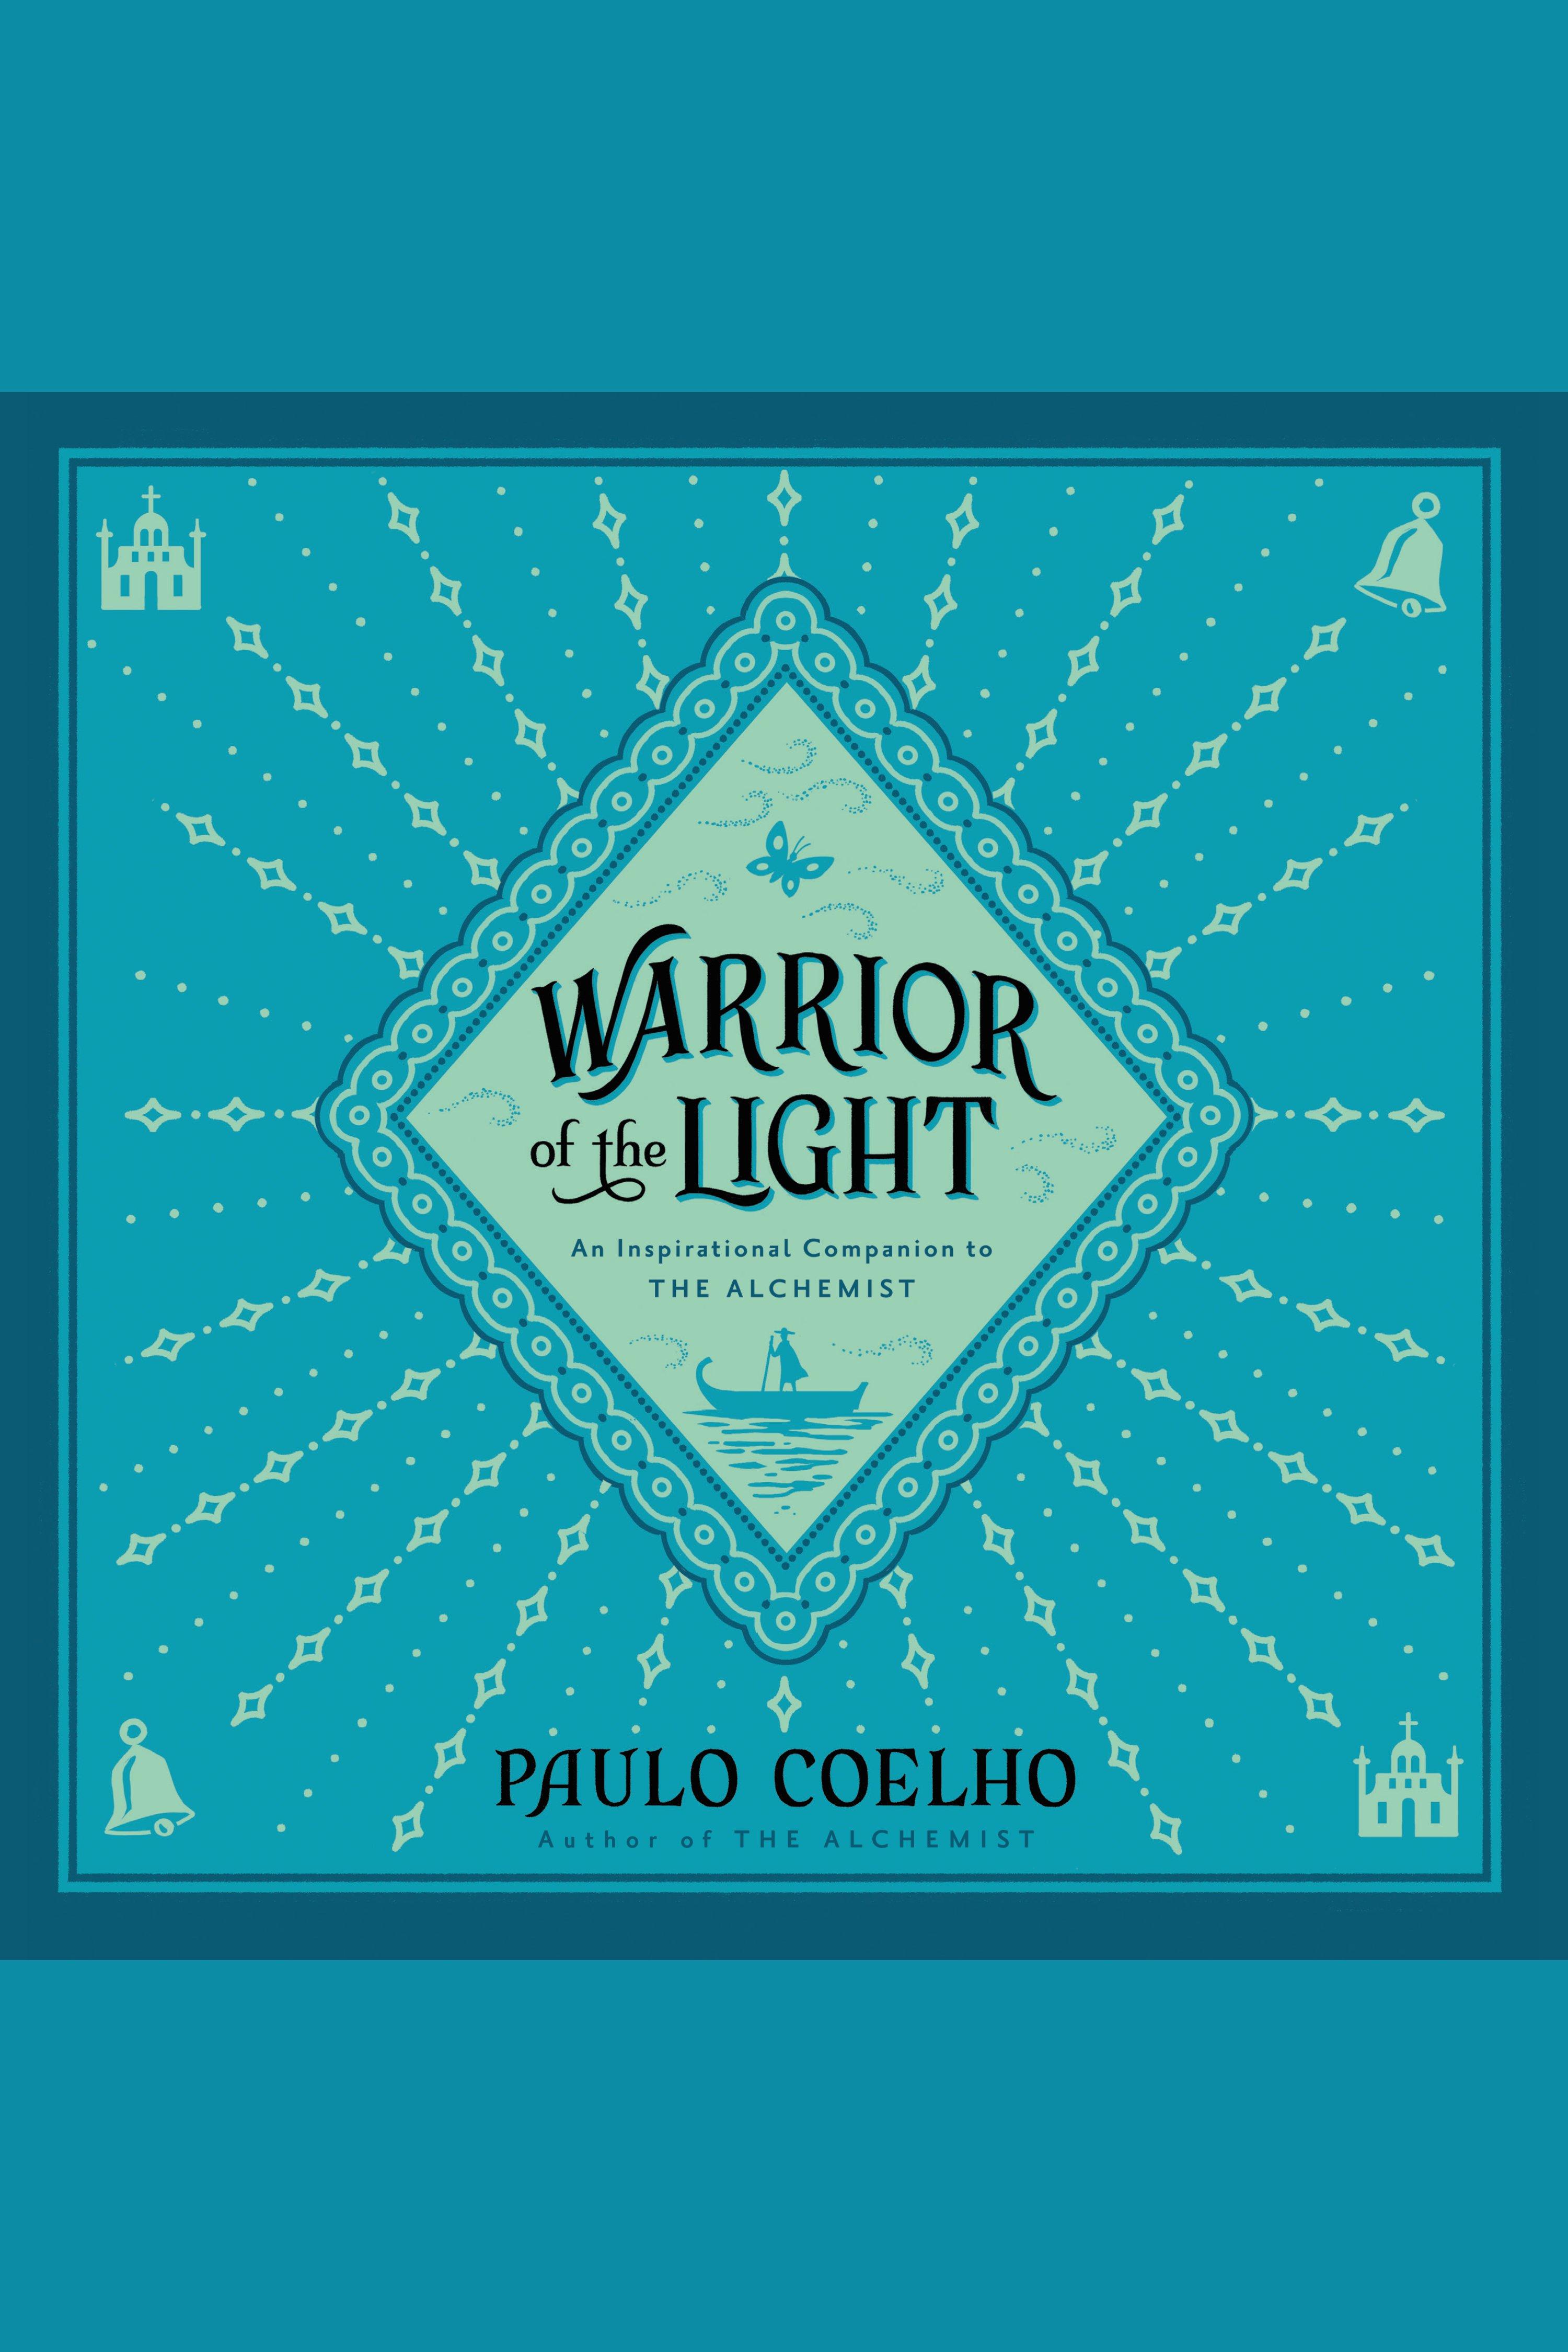 Esta es la portada del audiolibro Warrior of the Light